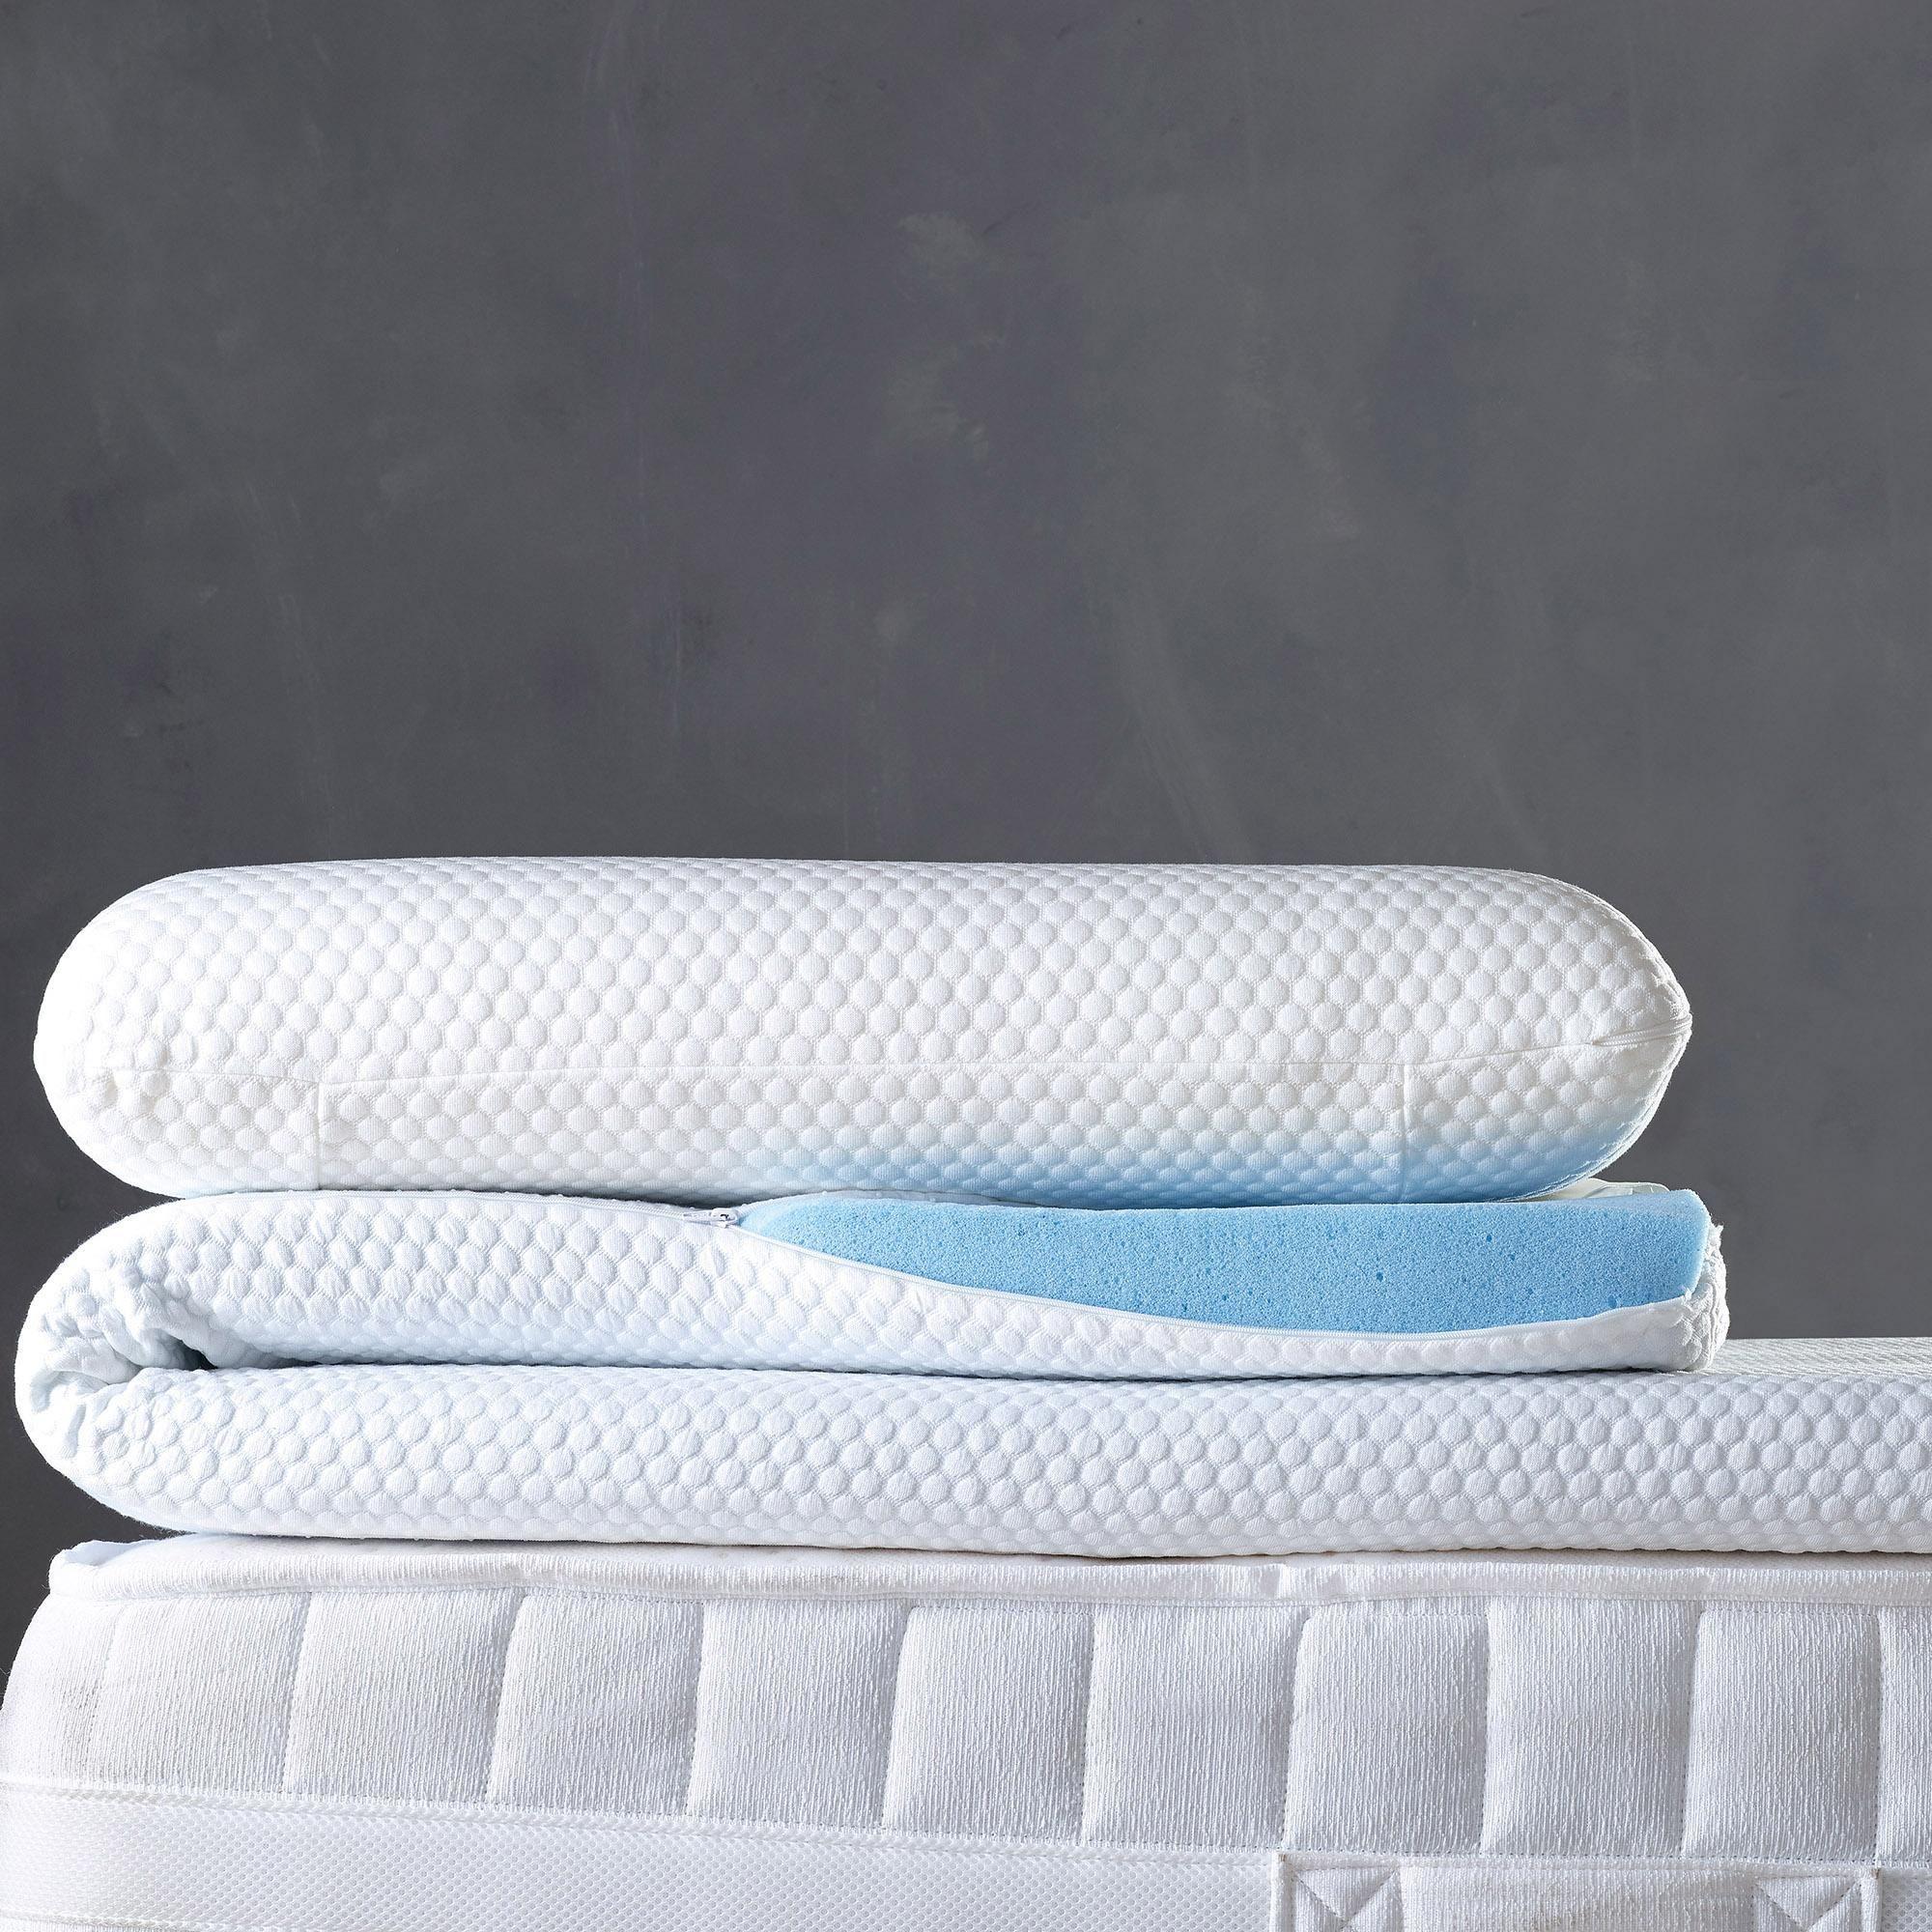 Gel Fusion Memory Foam Pillow In 2020 Memory Foam Pillow Foam